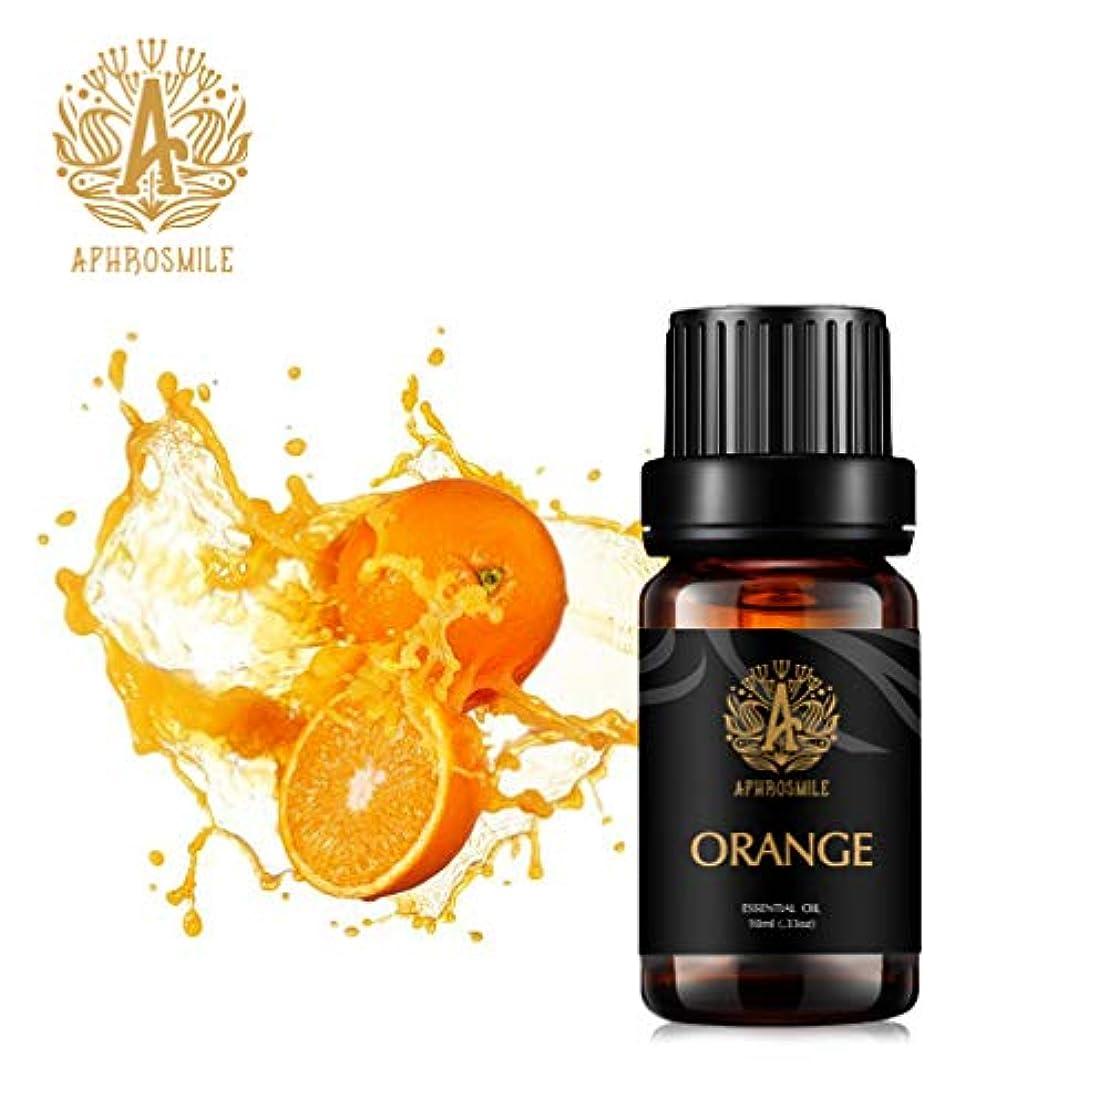 うめき海嶺オレンジエッセンシャルオイル、100%ピュアアロマエッセンシャルオイルオレンジ香り、怒りを和らげる、治療用グレードエッセンシャルオイルオレンジの香り、為にディフューザー、マッサージ、加湿器、デイリーケア、0.33オンス-...